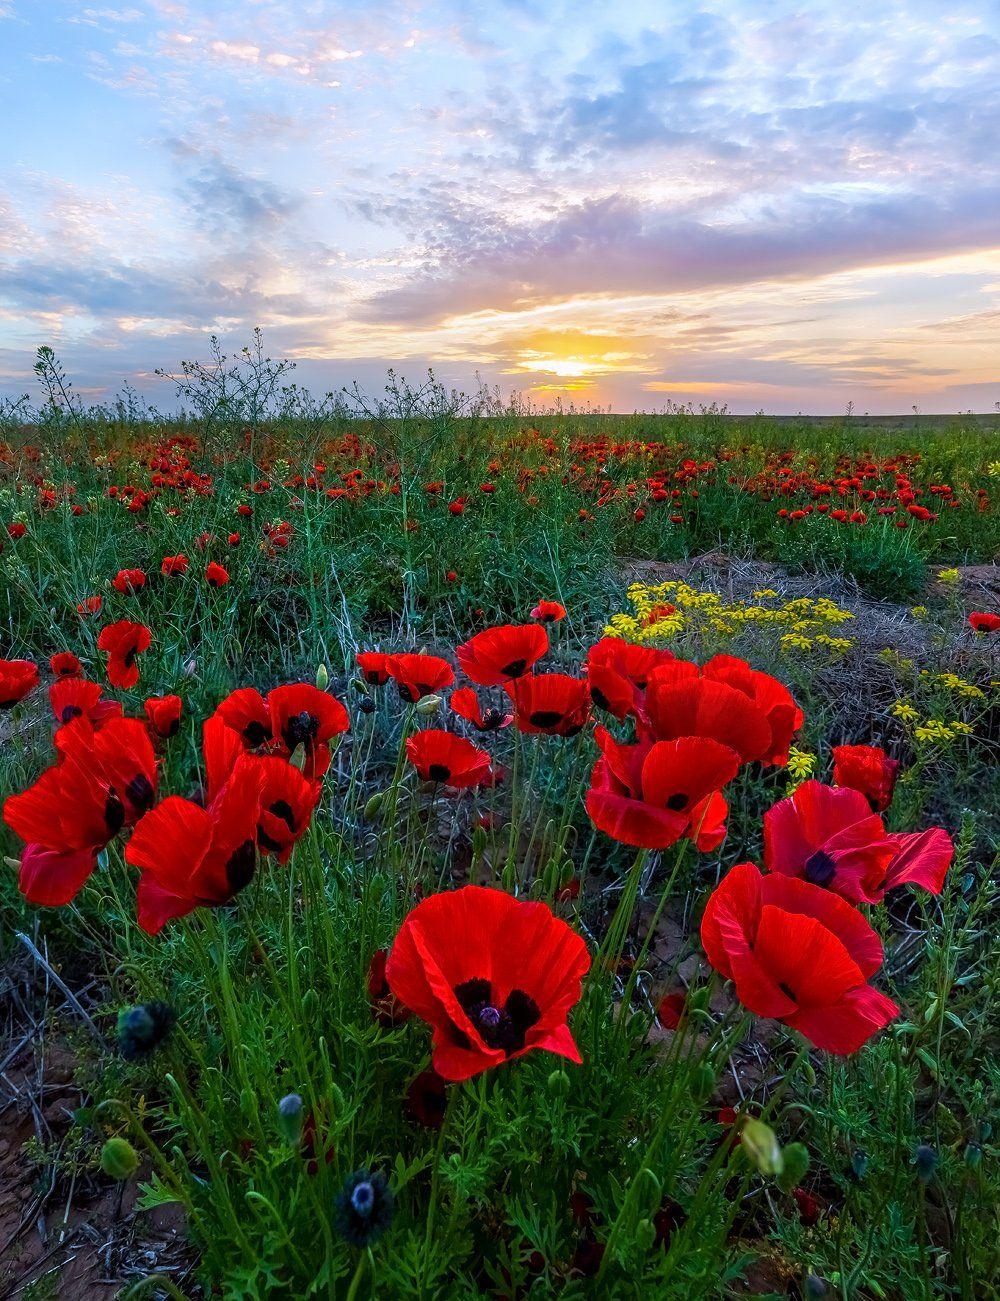 маки, степь, весна, астраханская область, нижние поволжье, весенний закат, солнца, цветы, трава, облака,, Лашков Фёдор